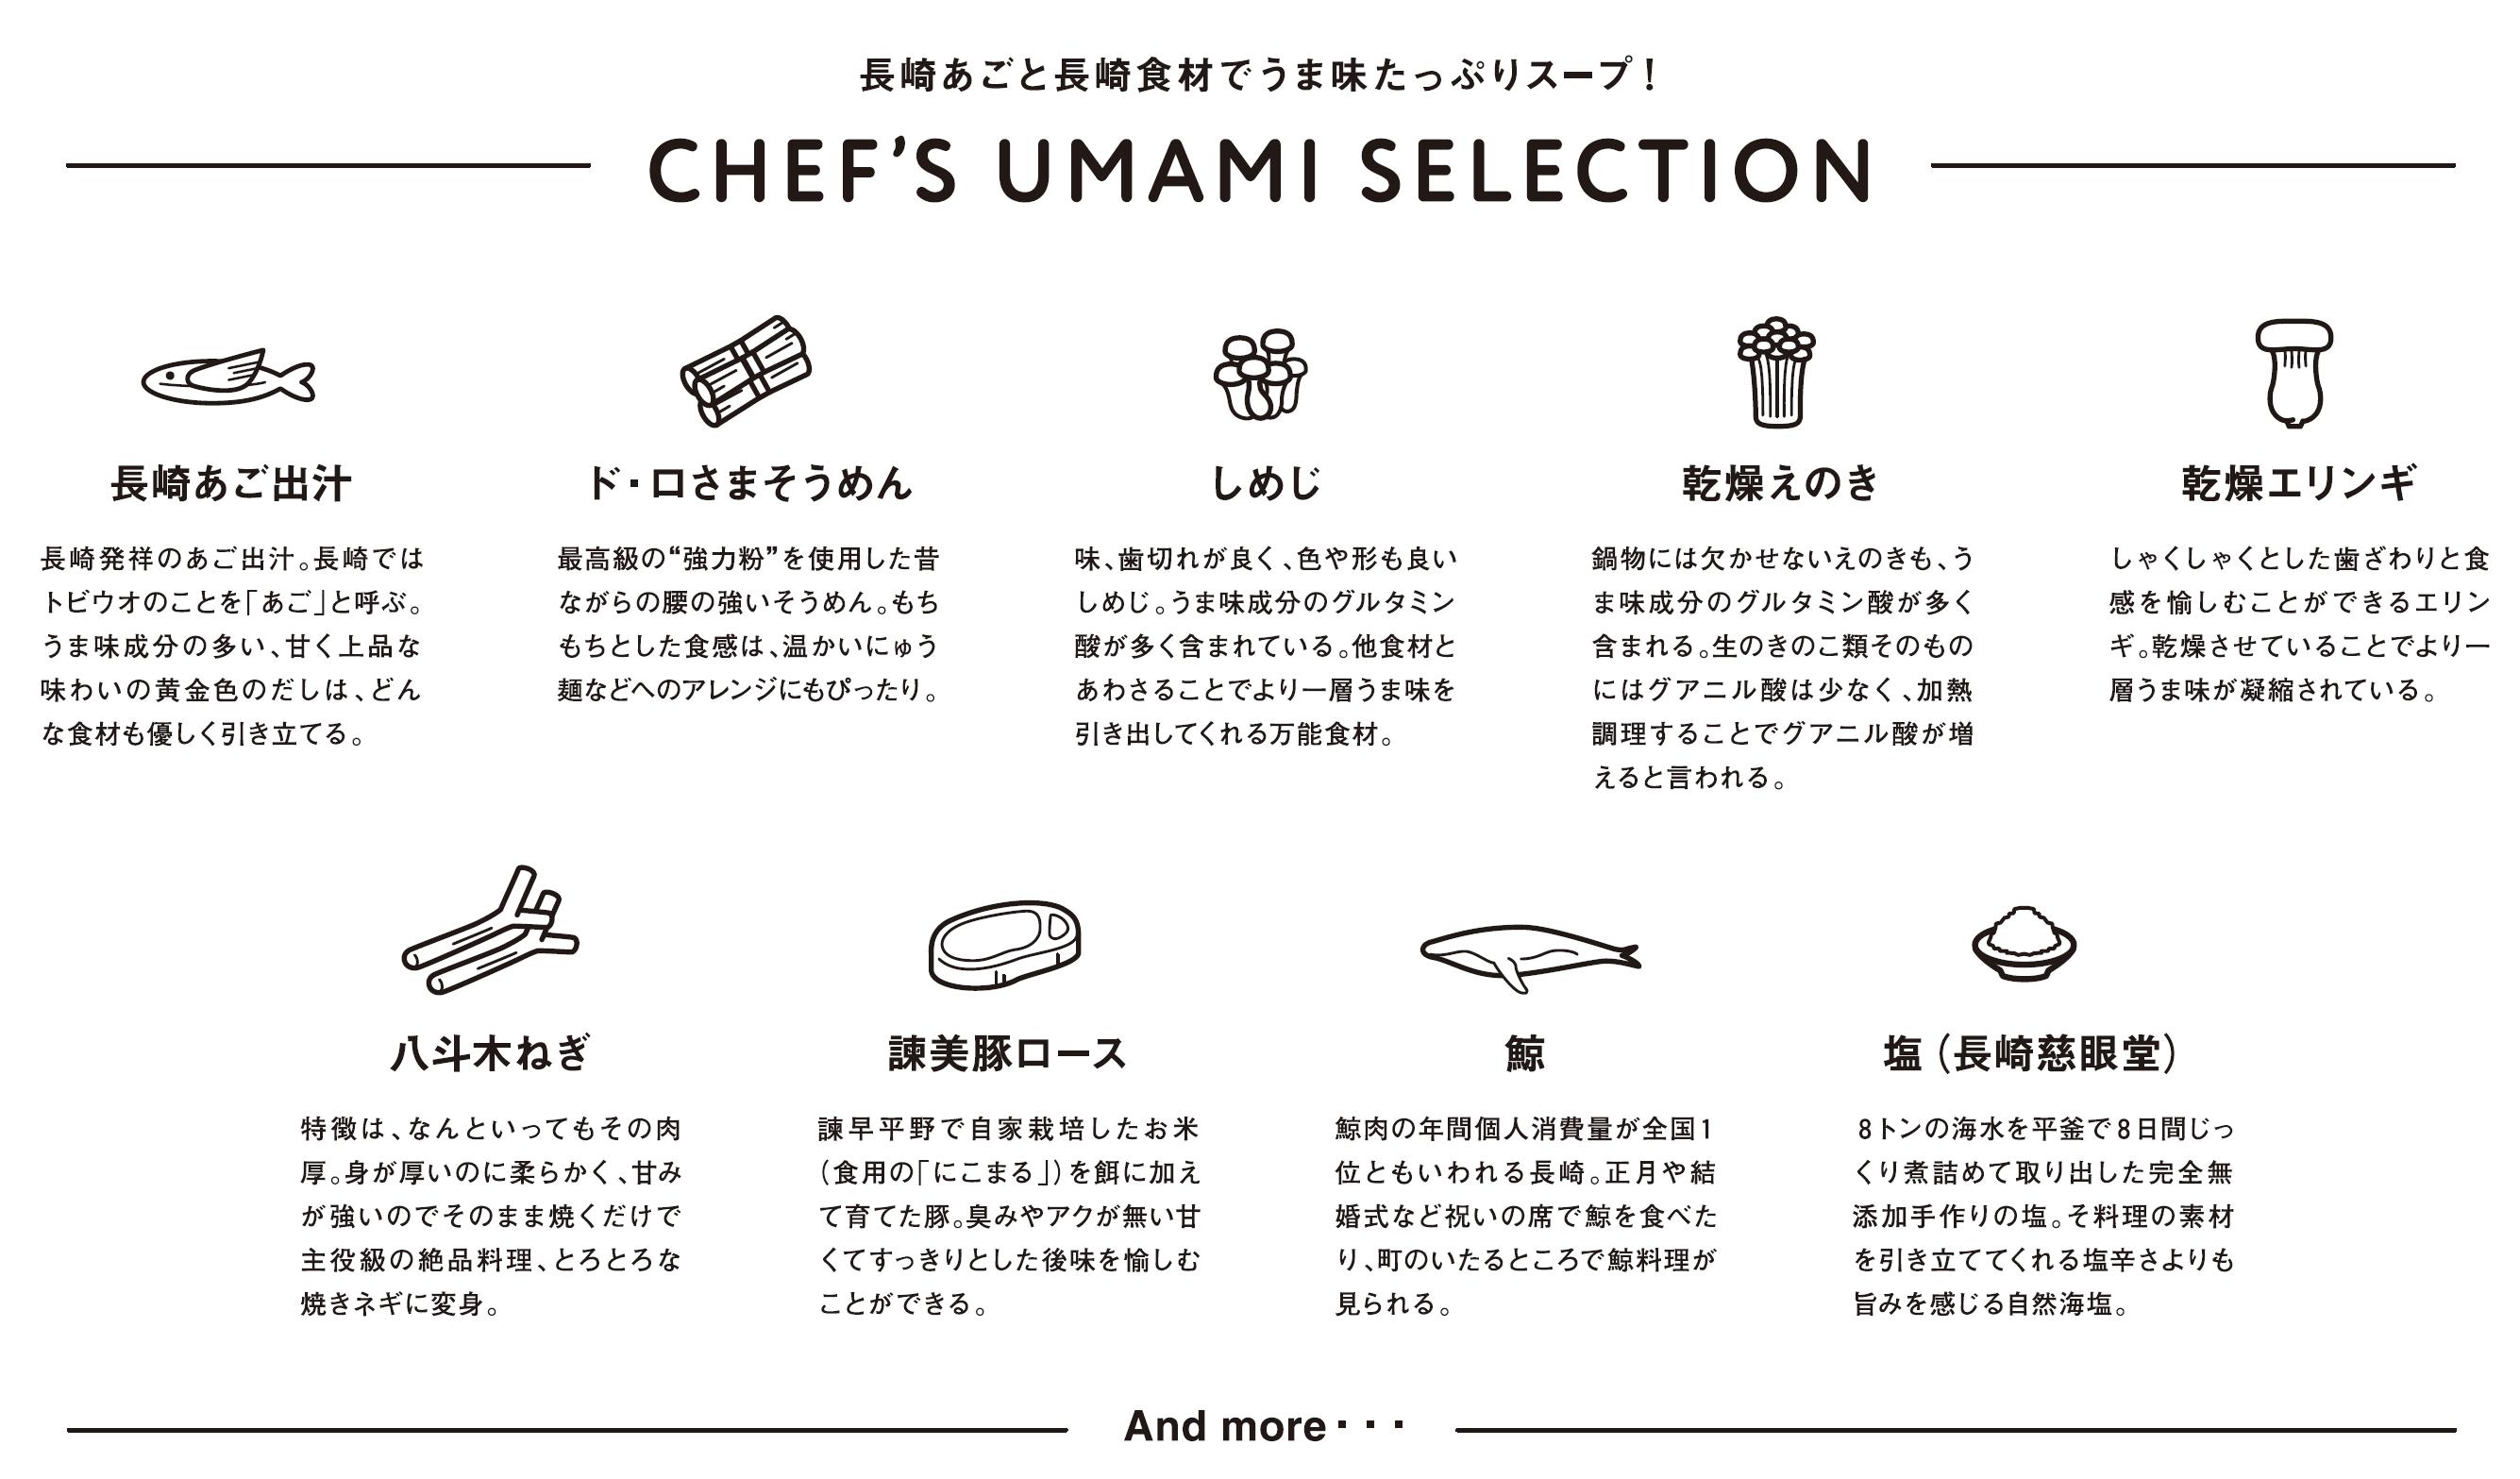 長崎あごと長崎食材でうま味たっぷりスープ